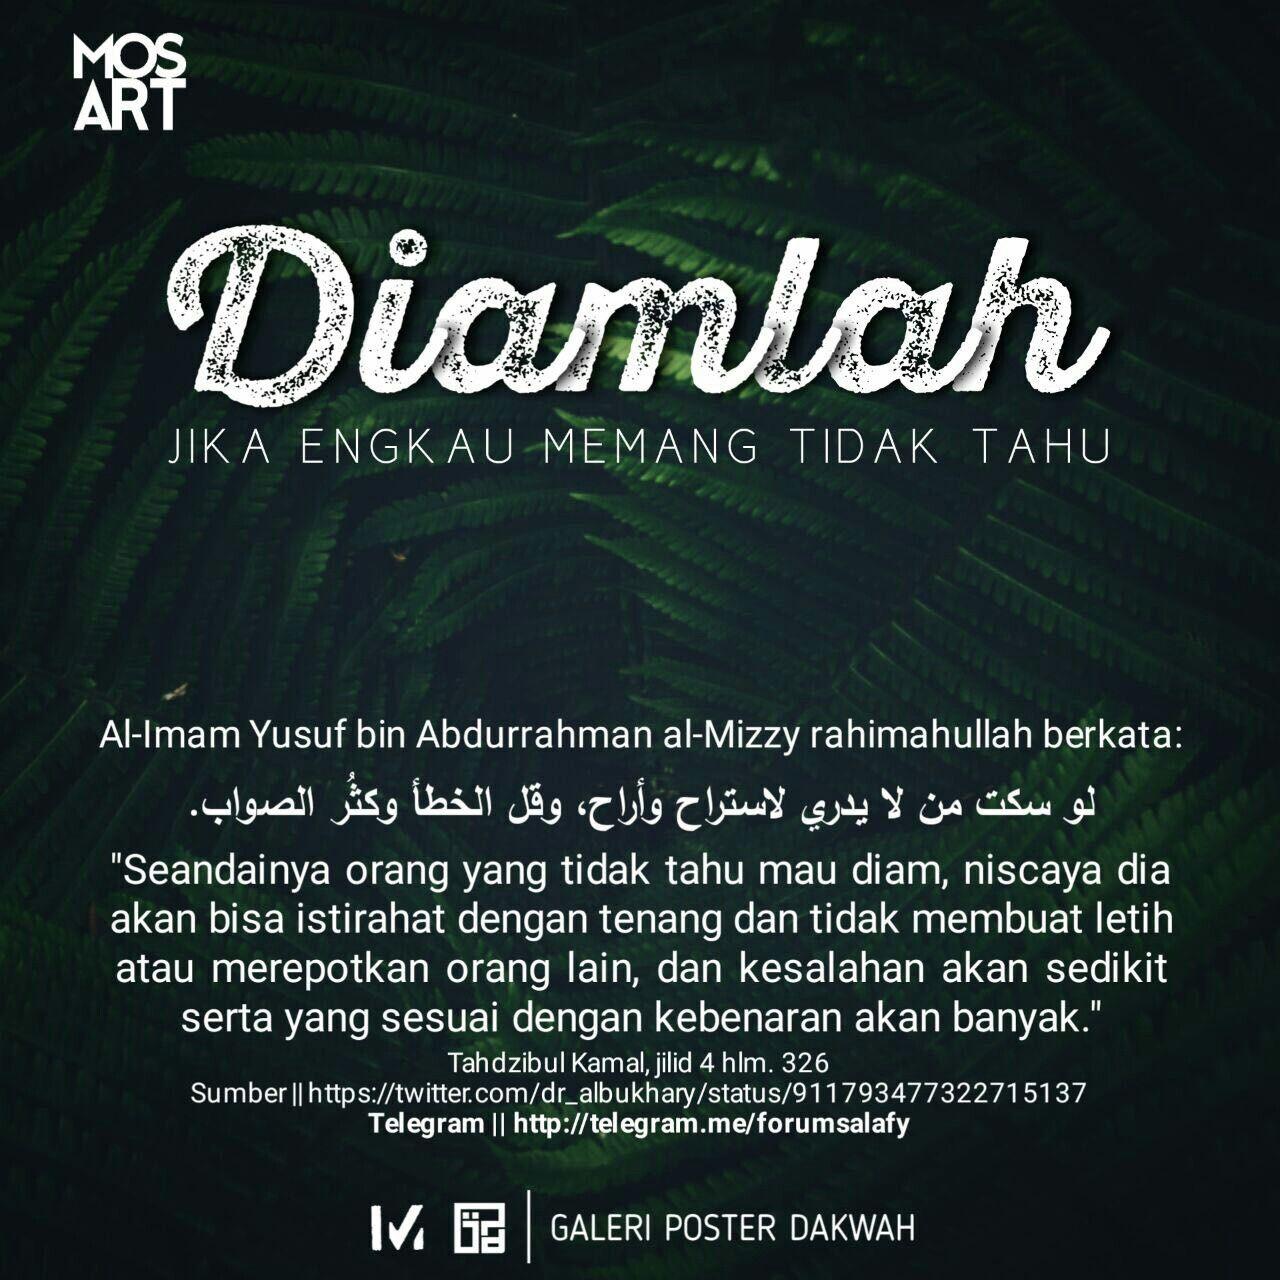 Pin oleh Salsabila Ummu Fawwaz di Galeri Poster Dakwah ...